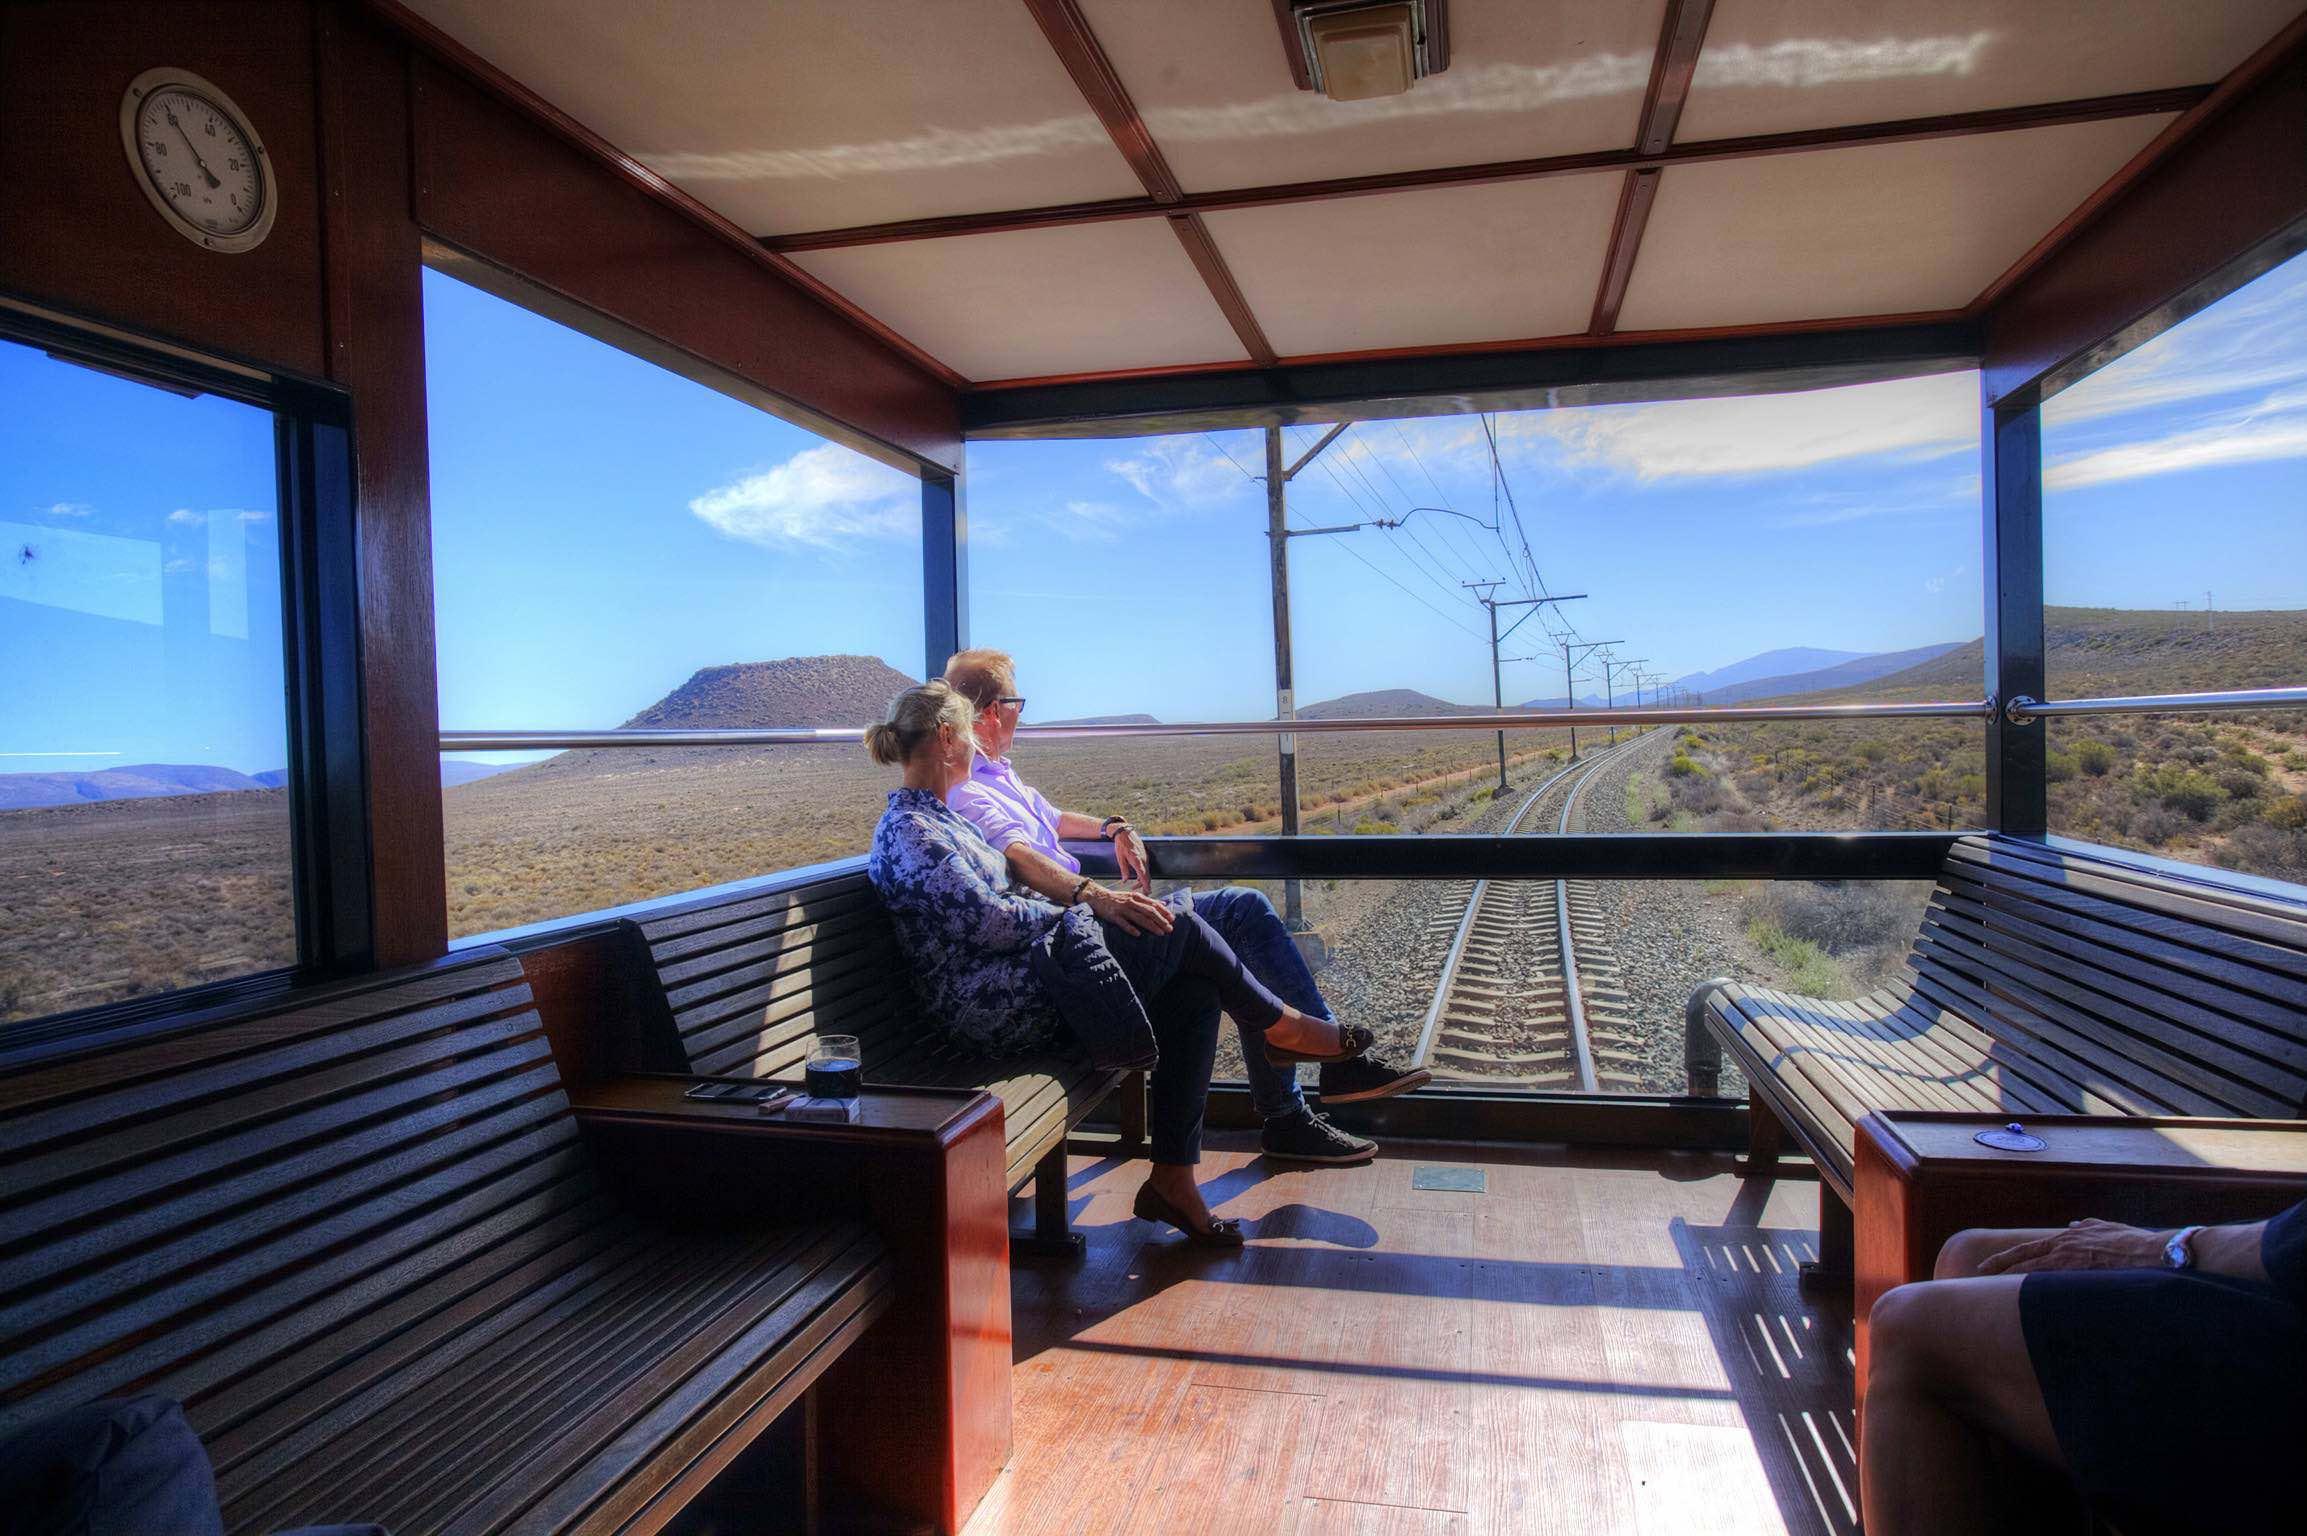 Zugreise mit Rovos Rail in Afrika. Geräumige Lounge mit Holzbänken und grossen Fenstern im letzten Waggon, ein älteres Paar geniesst die Aussicht.